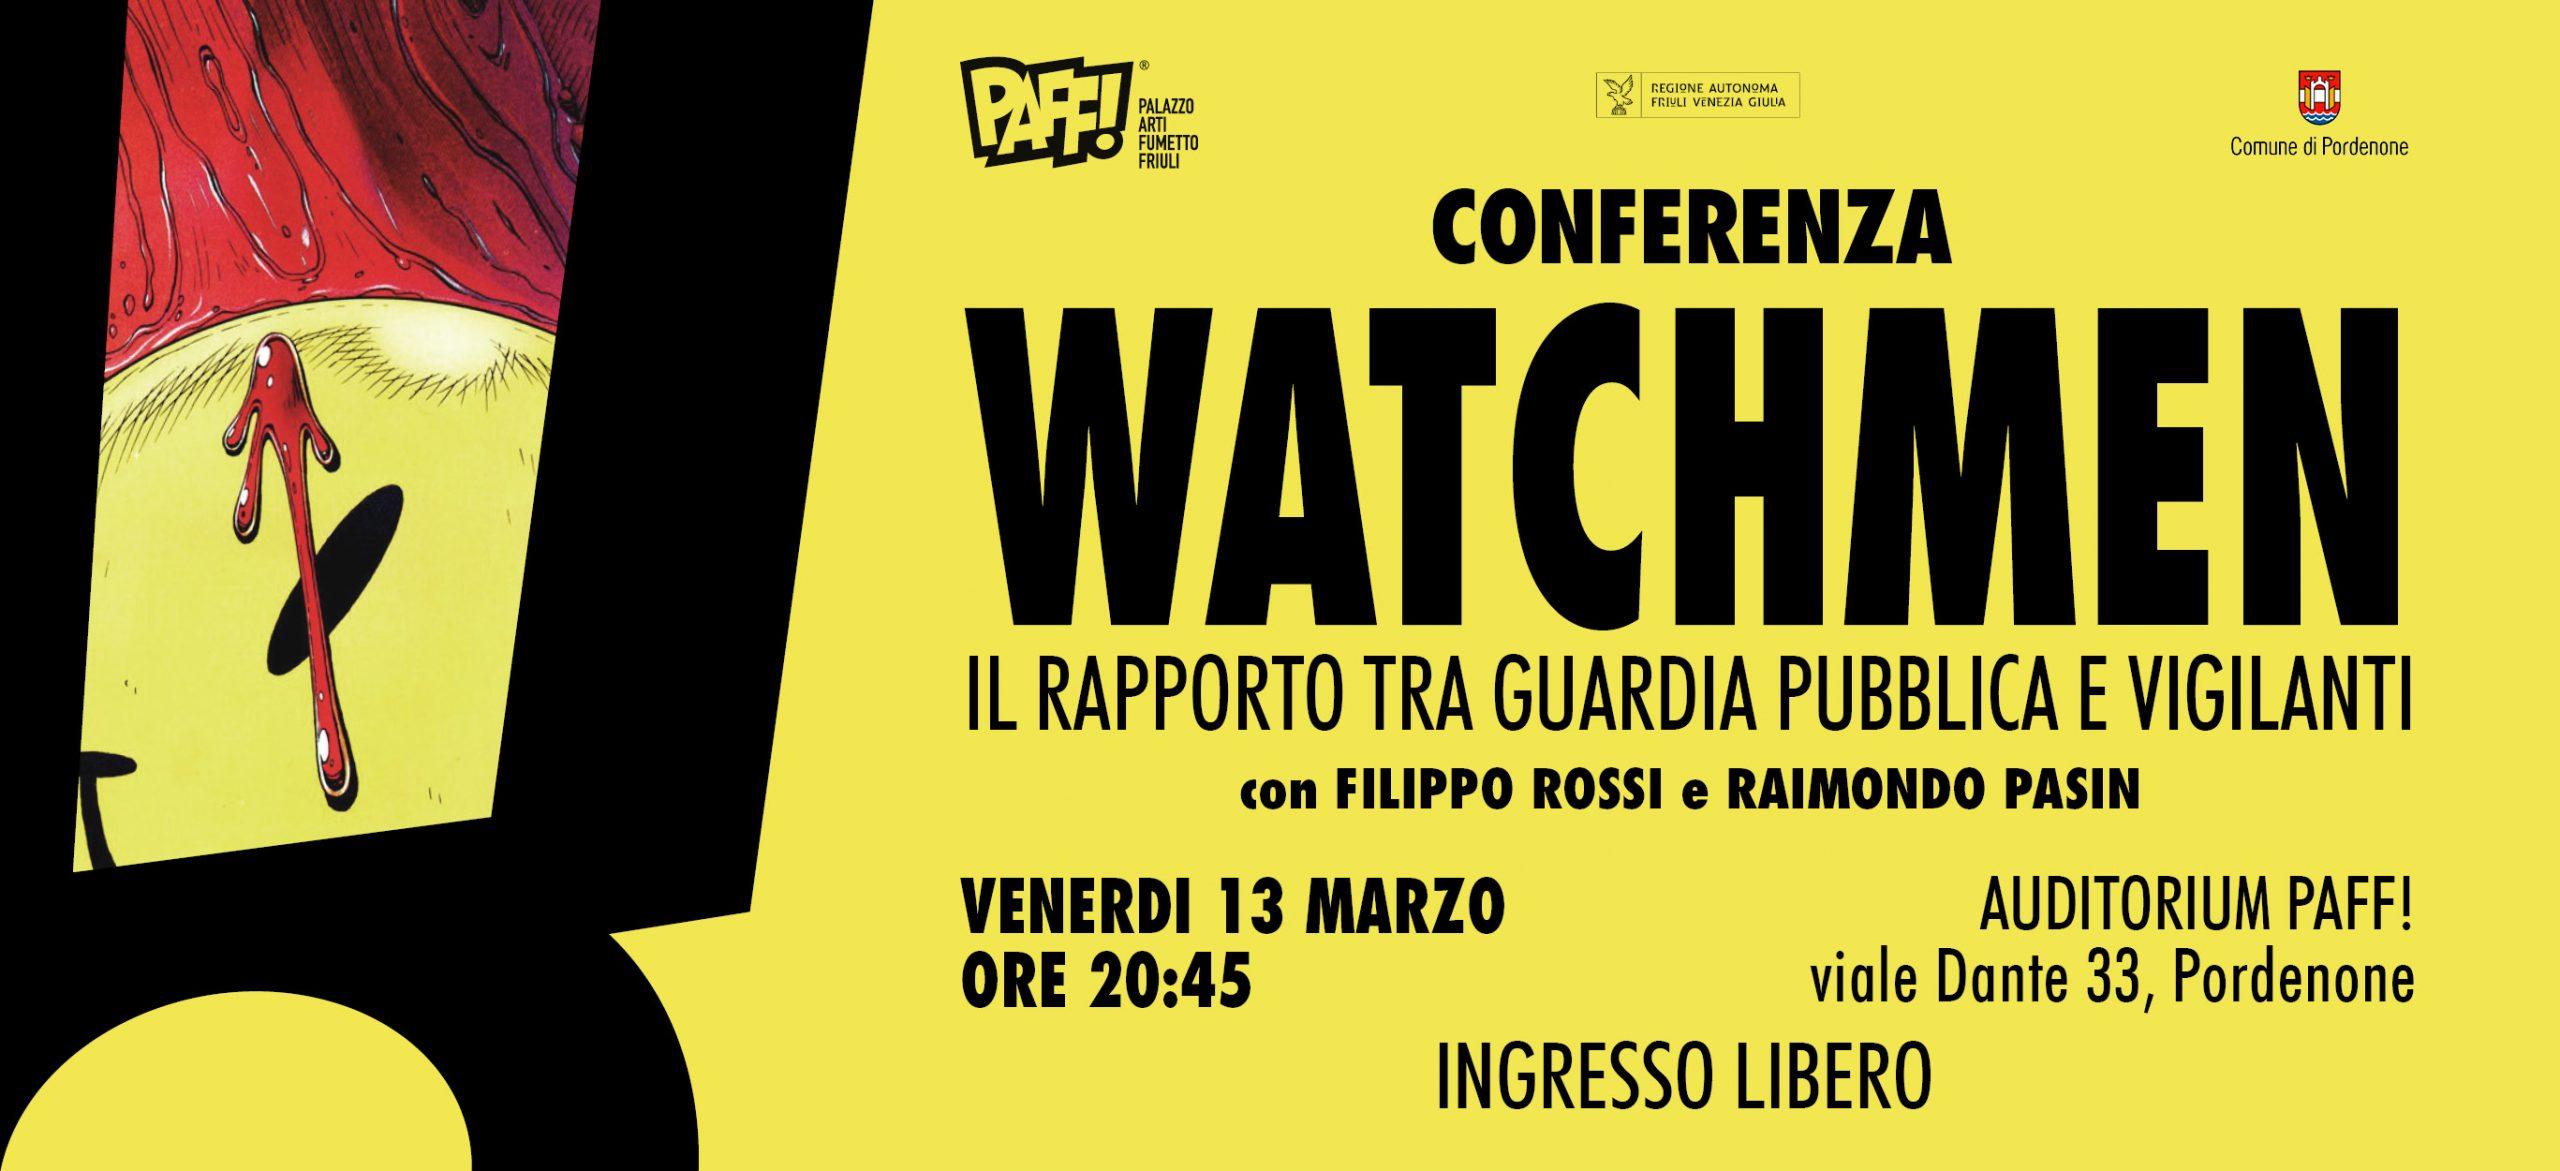 Conferenza Watchmen, il rapporto tra guardia pubblica e vigilanti